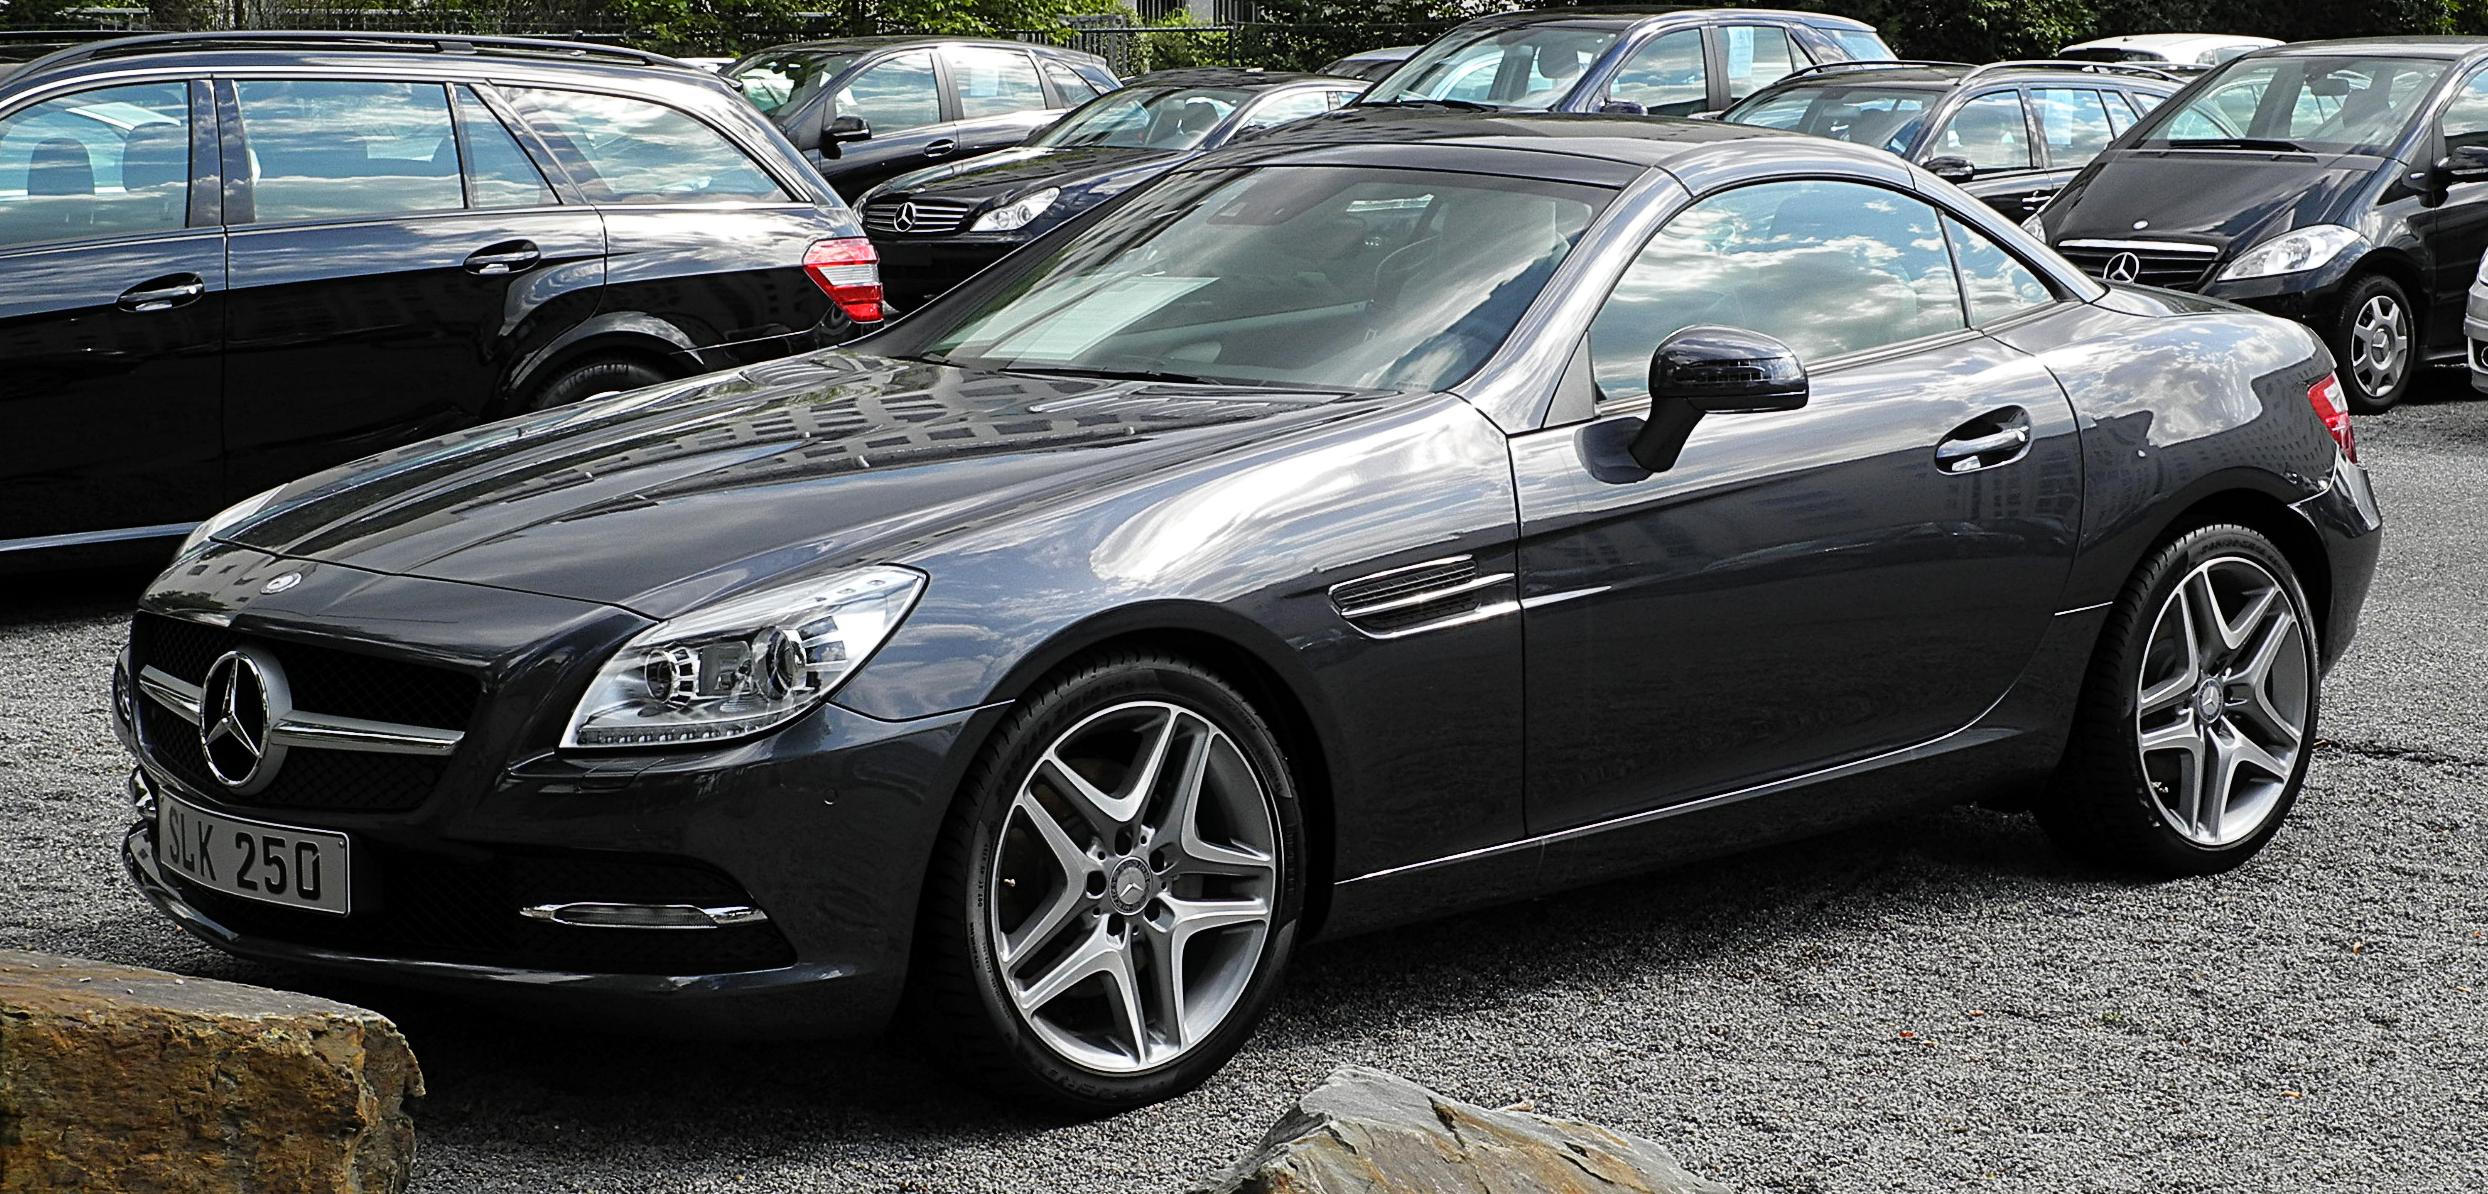 Mercedes benz slk 250 wikipedia for Mercedes benz 250 slk